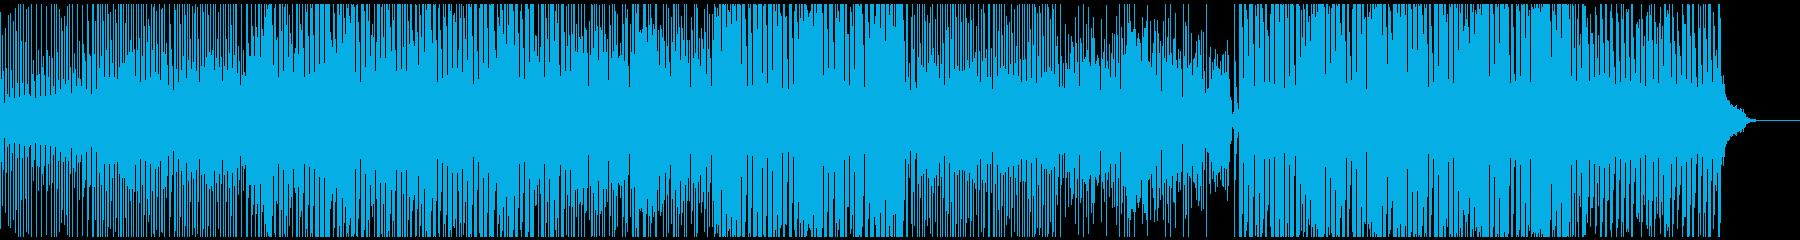 ポップ感動映像に ピアノで壮大おしゃれの再生済みの波形